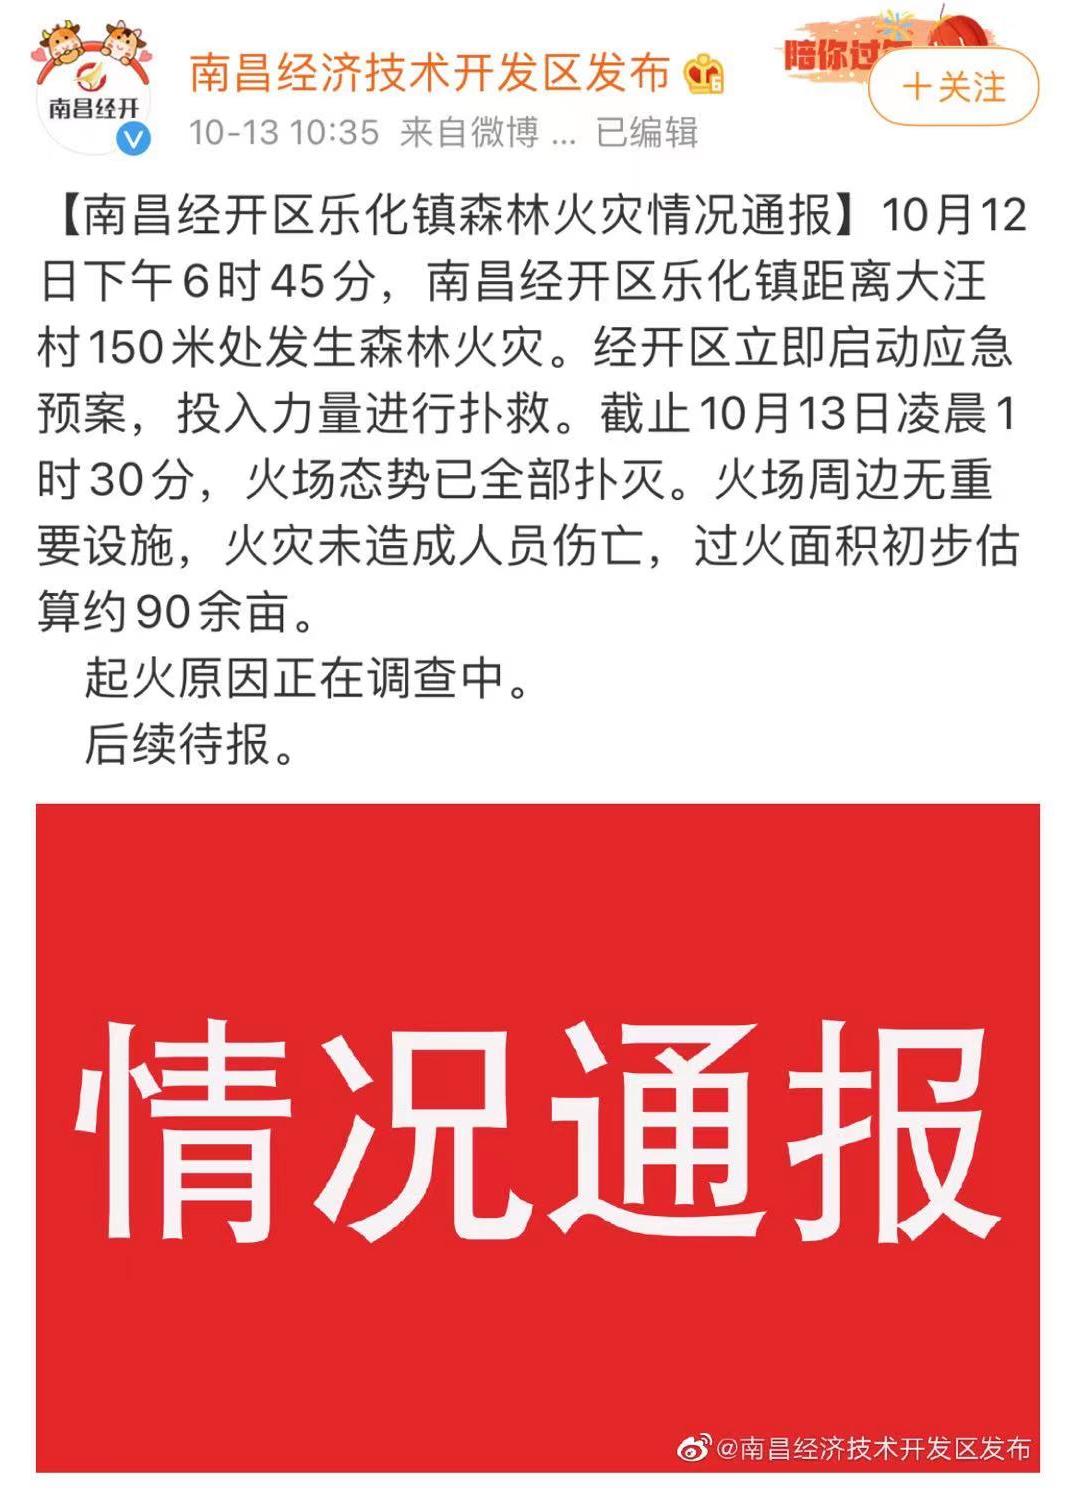 南昌乐化镇附近发生山火 明火已被扑灭!经开区最新通报